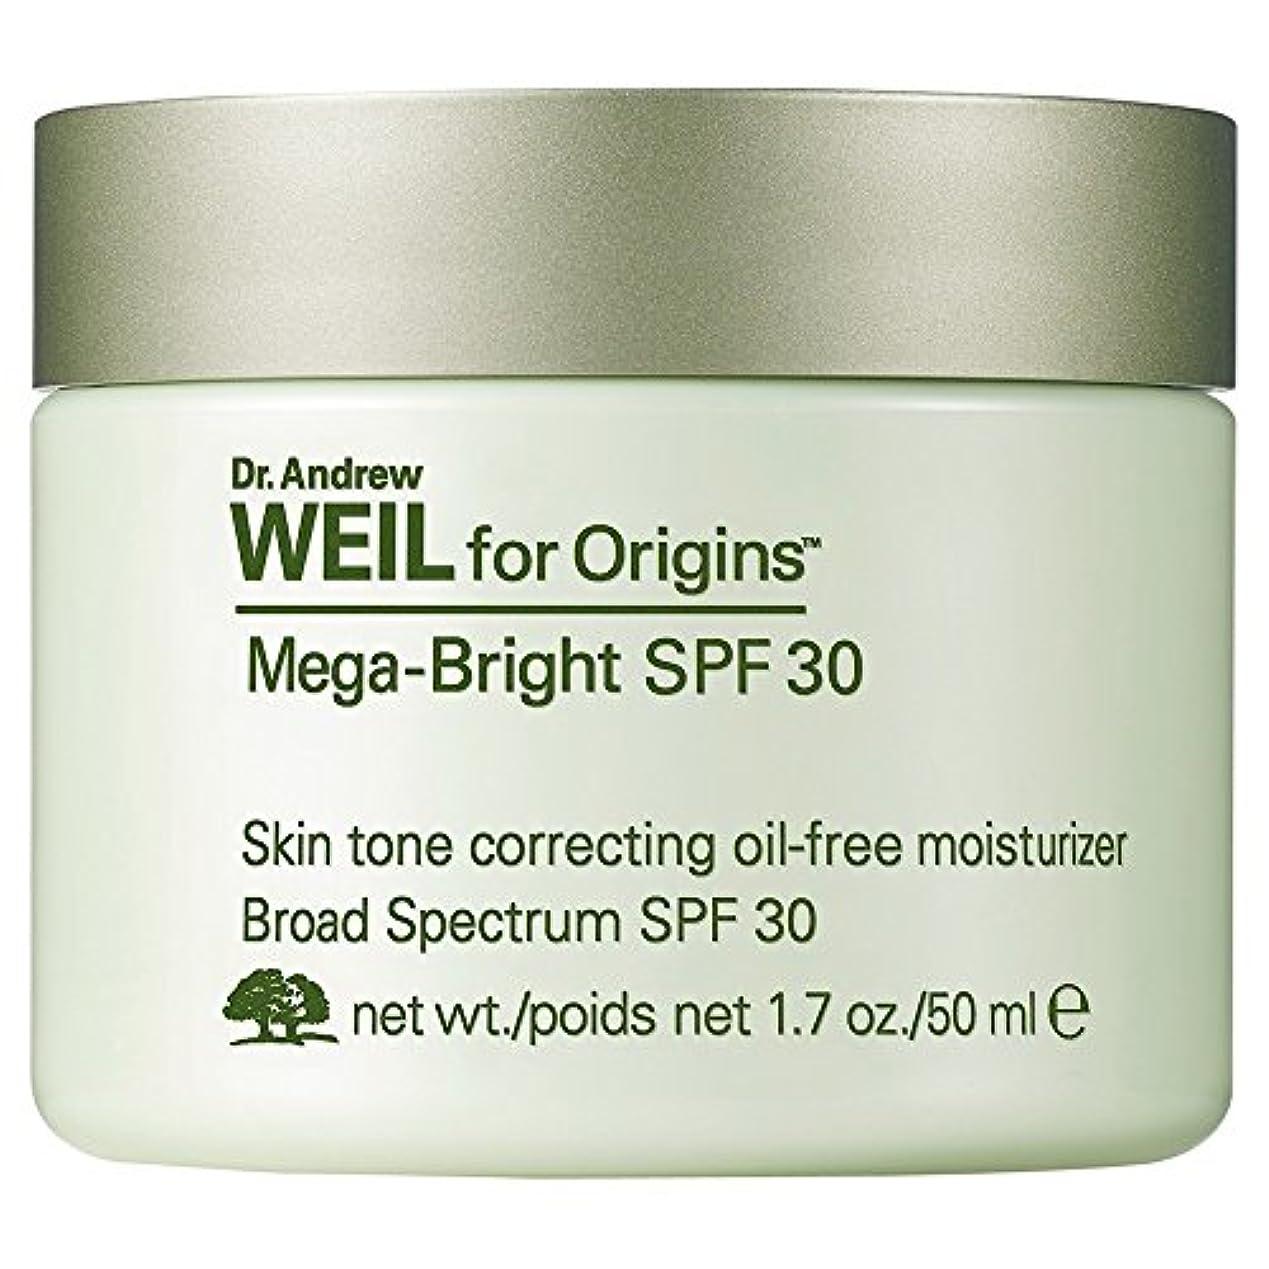 ブラウン困惑するビルDr。保湿、50ミリリットルの補正アンドルー?ワイルメガブライトSpf30の肌のトーン (Origins) (x6) - Dr. Andrew Weil Mega-Bright SPF30 Skin Tone Correcting...